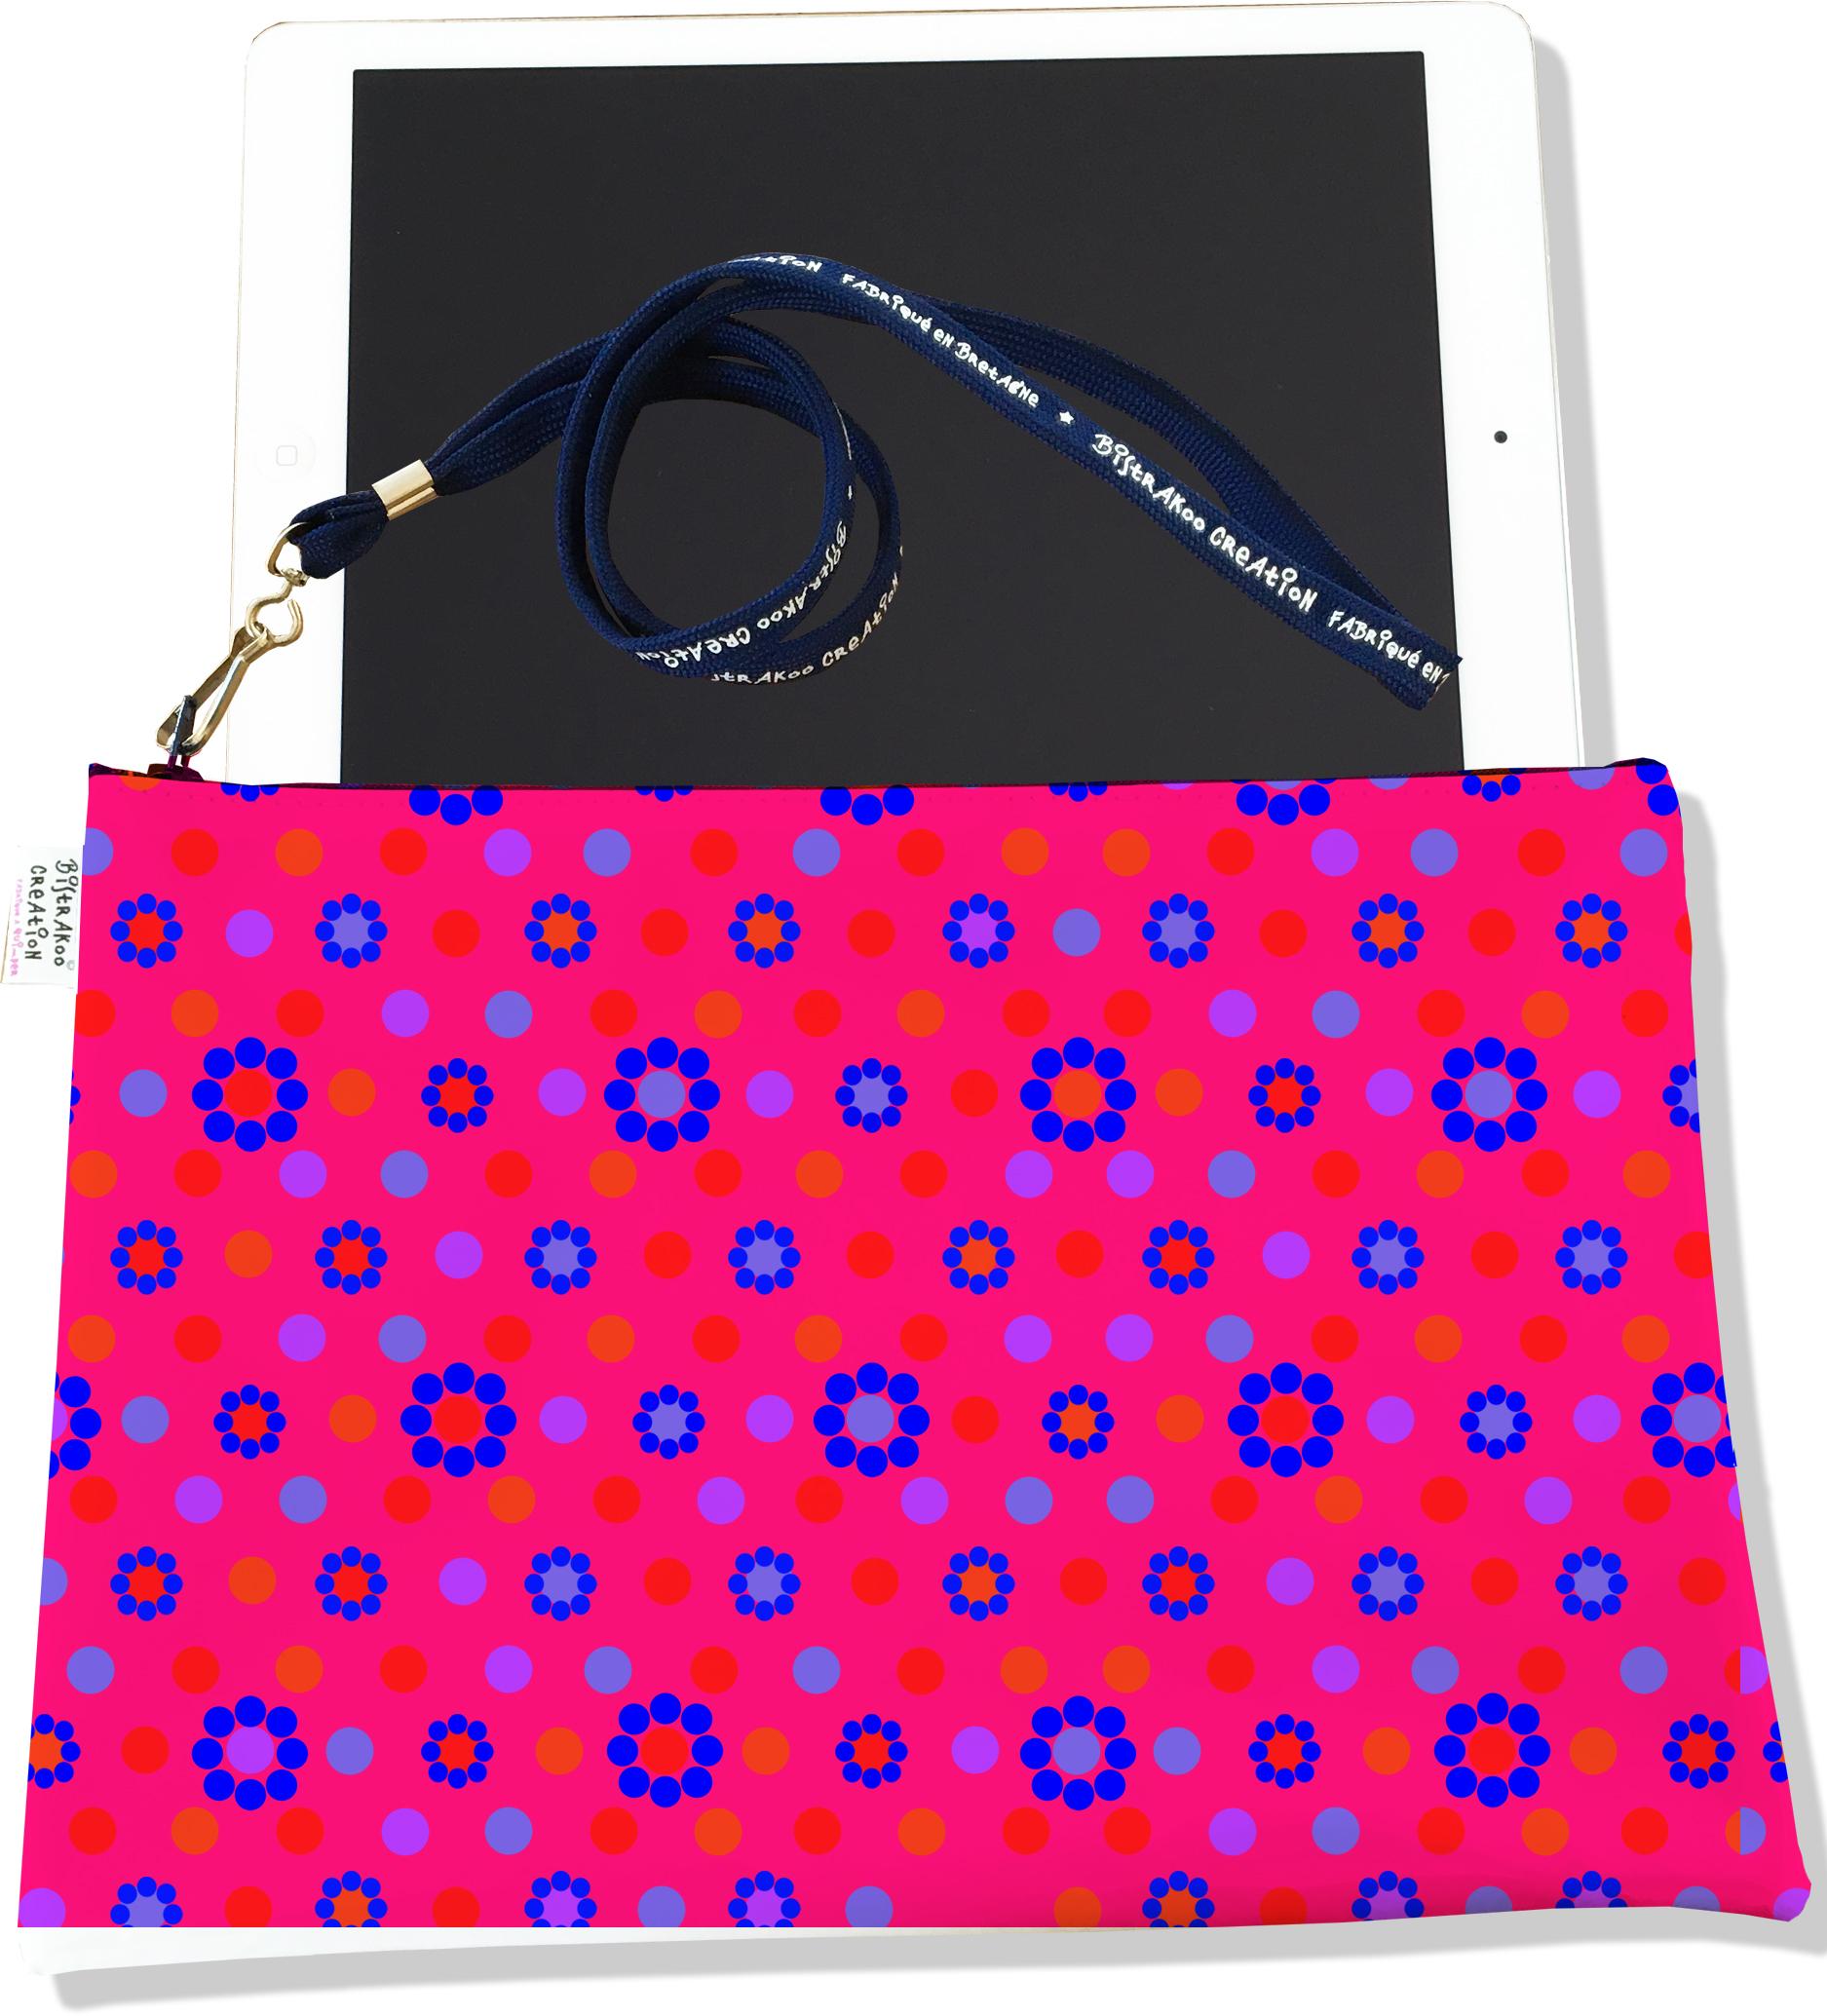 Housse pour tablette pour femme motif Fleurs et pois bleus, roses et oranges 2439-2016